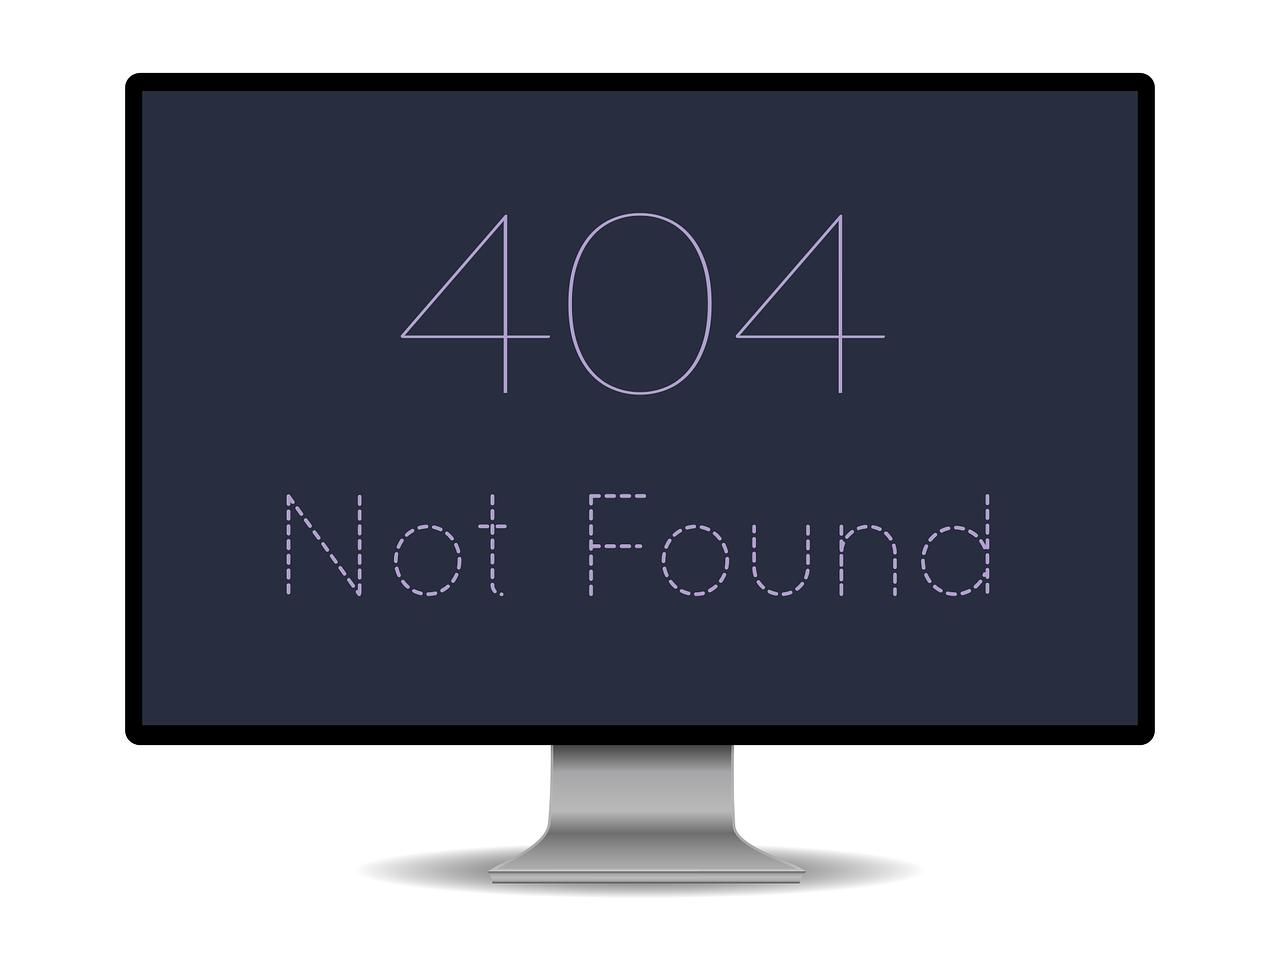 *404 Error*